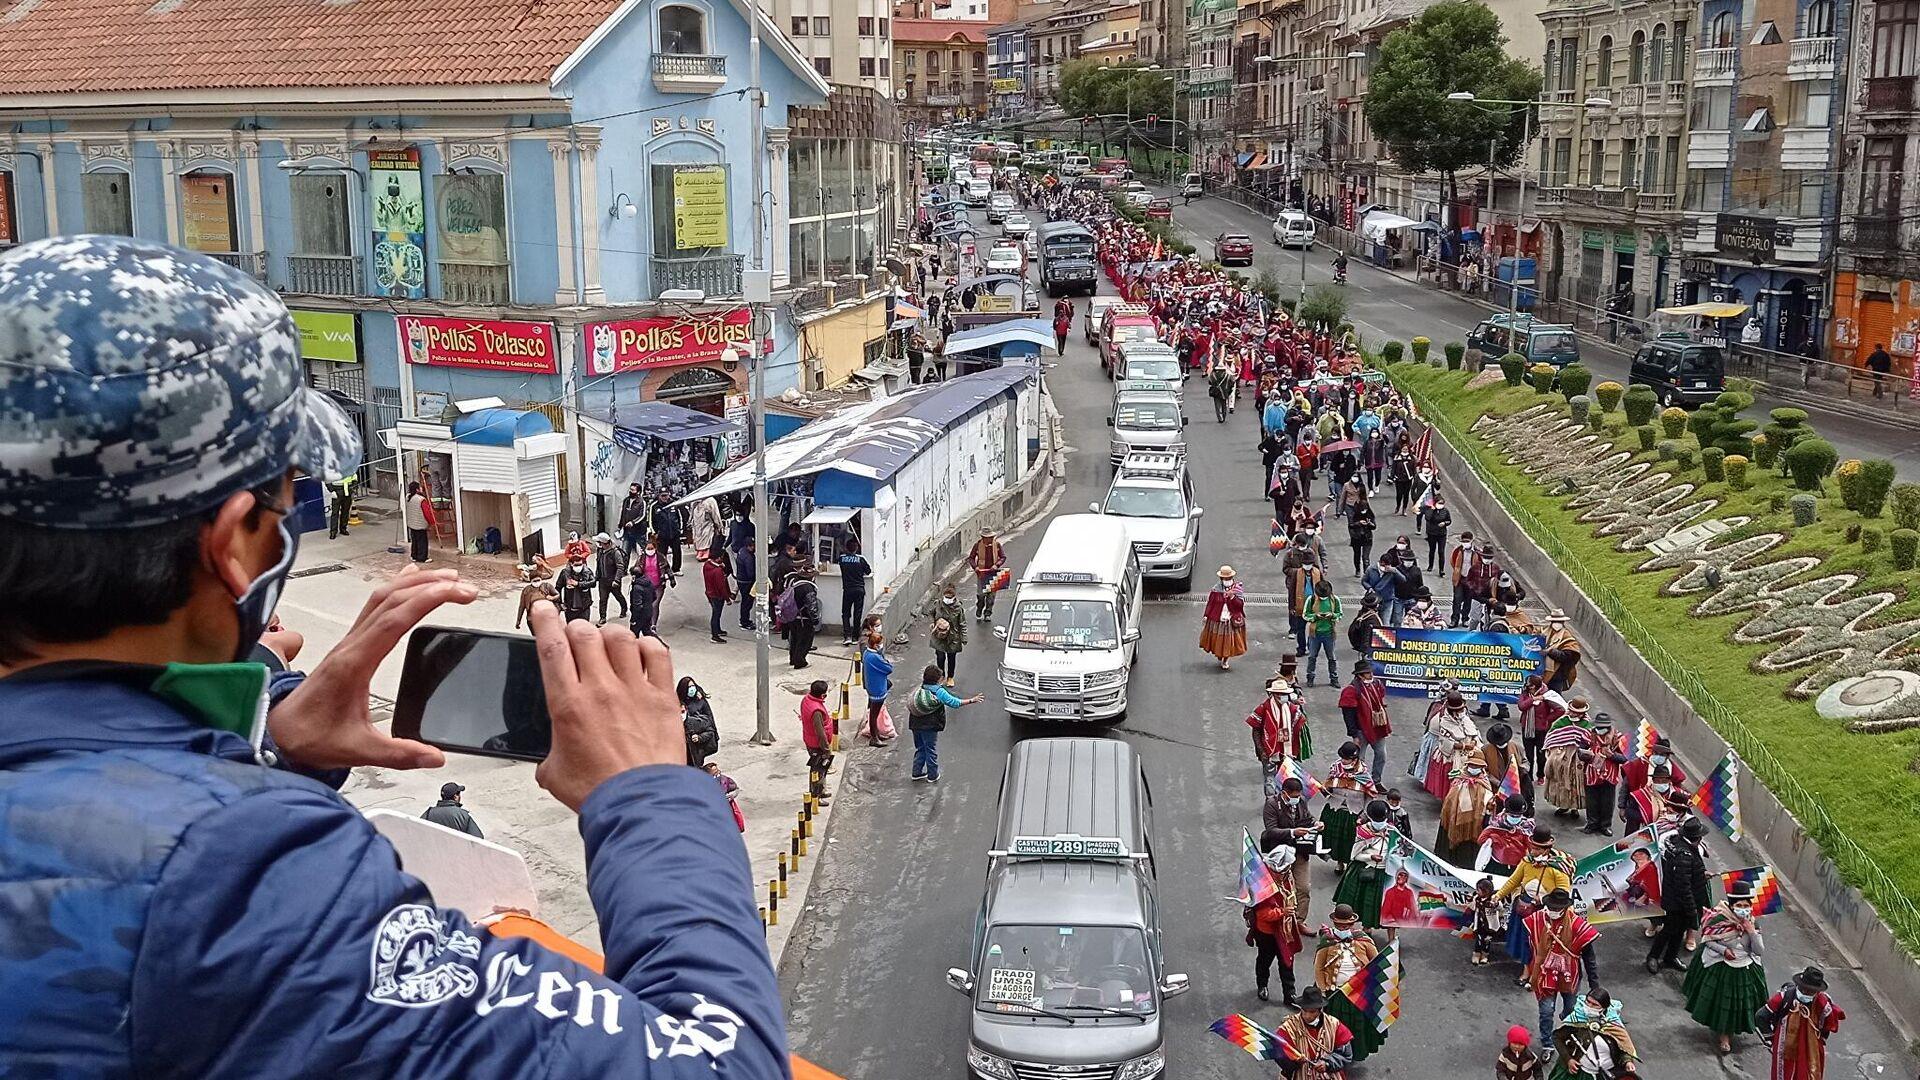 Indígenas y campesinos marchan en La Paz, Bolivia - Sputnik Mundo, 1920, 26.04.2021